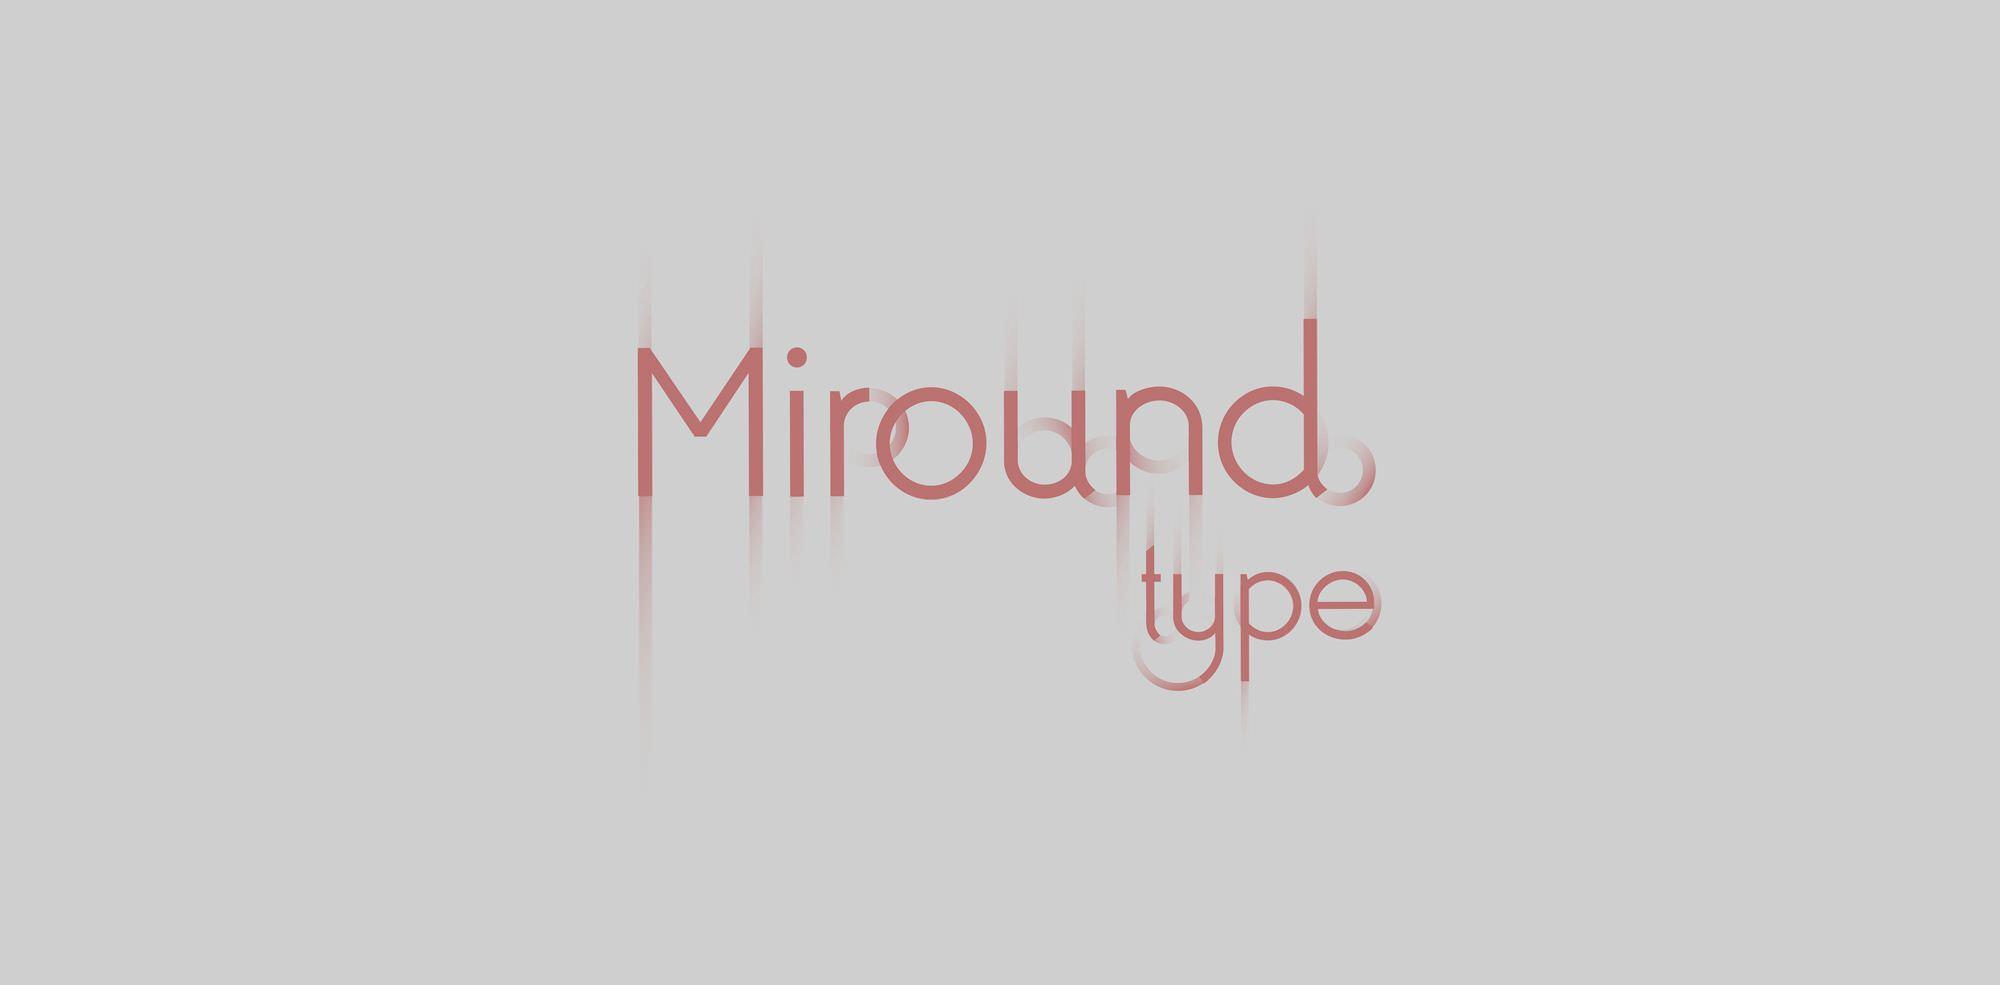 Miround-type-10